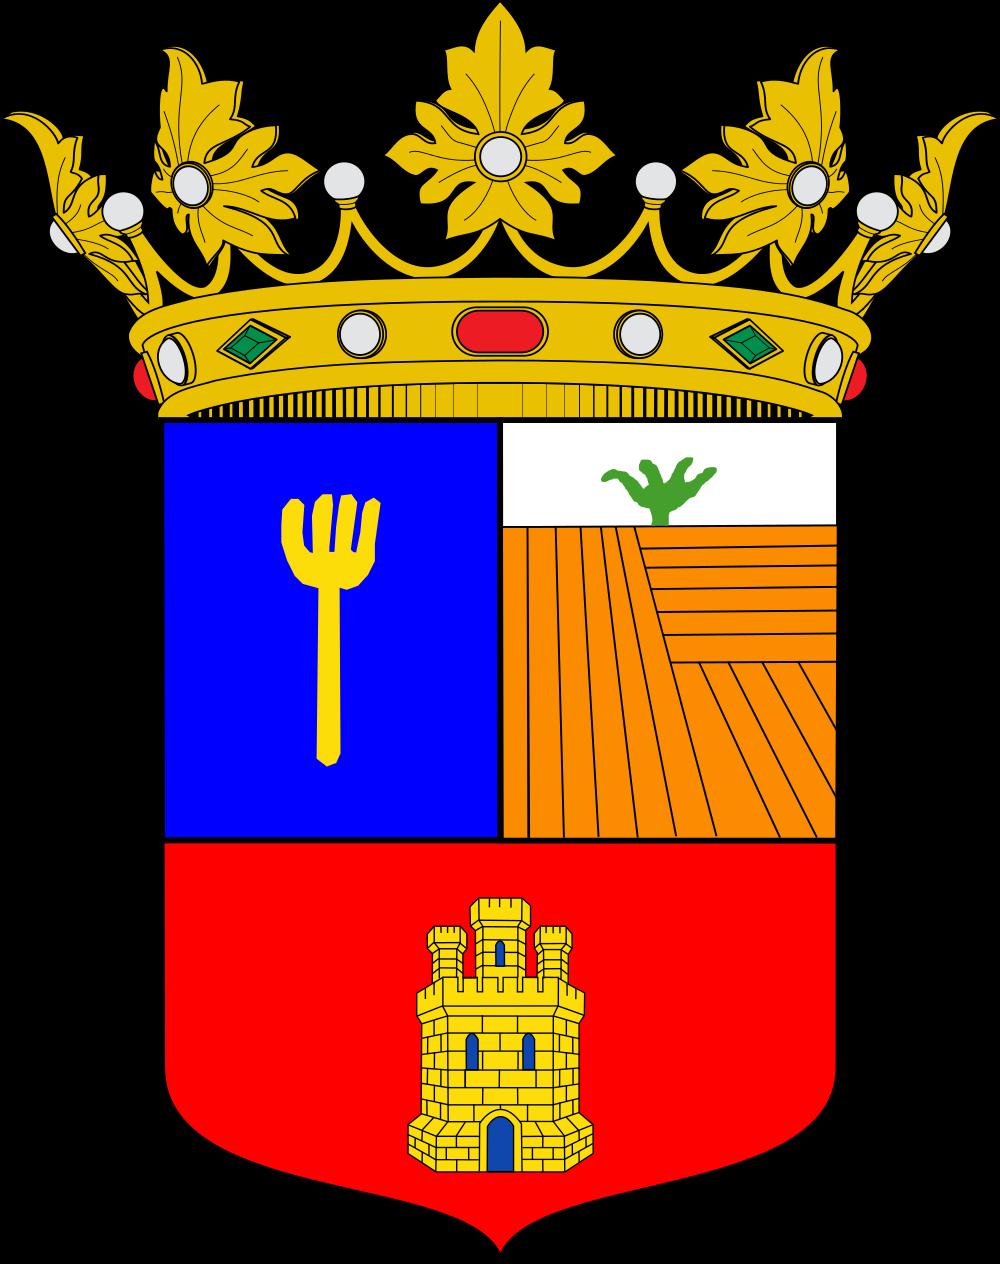 File:Escudo Melgar de arriba2.svg.